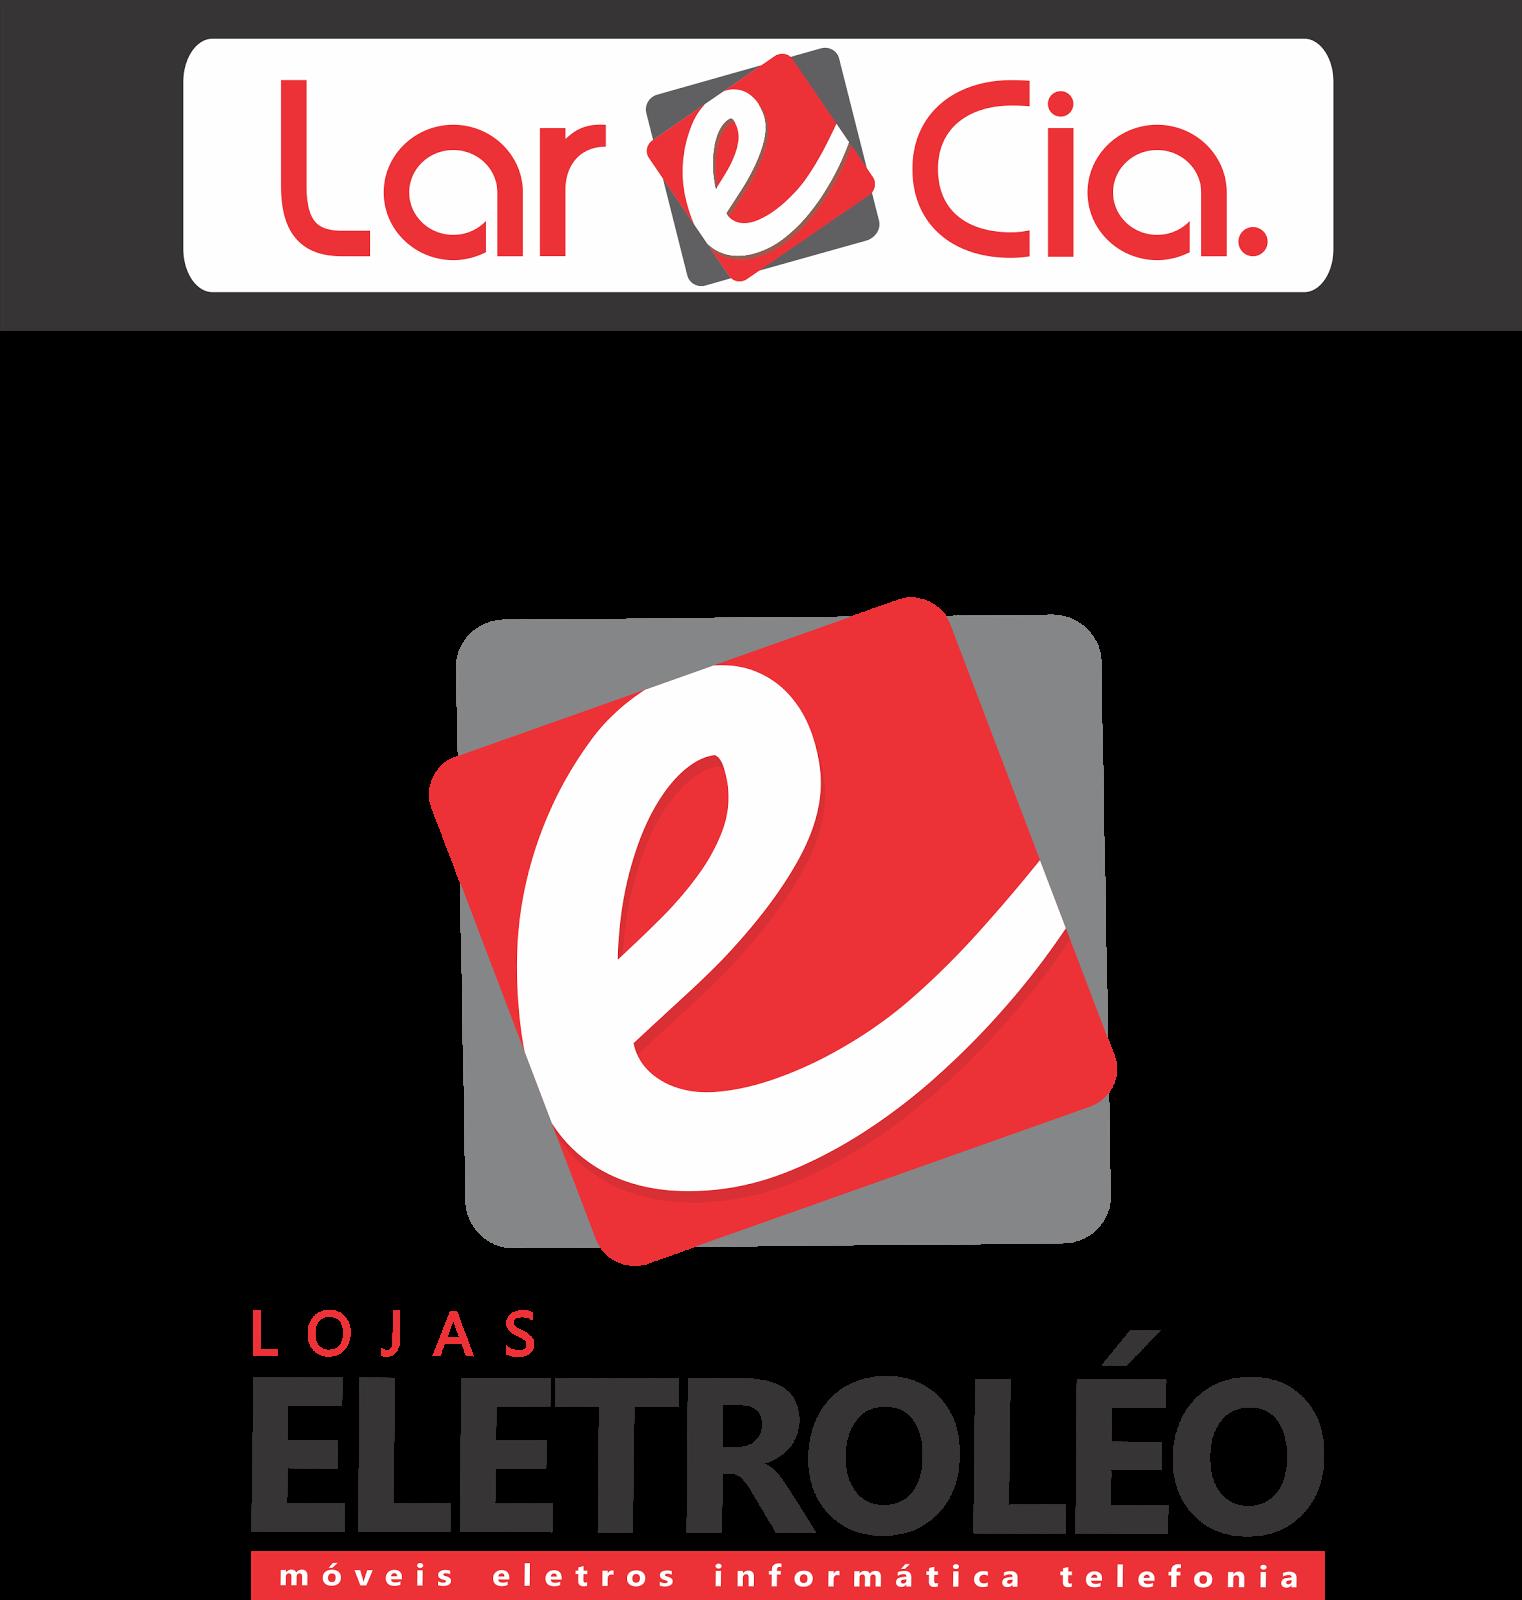 Lojas Eletroléo e Lar e Cia